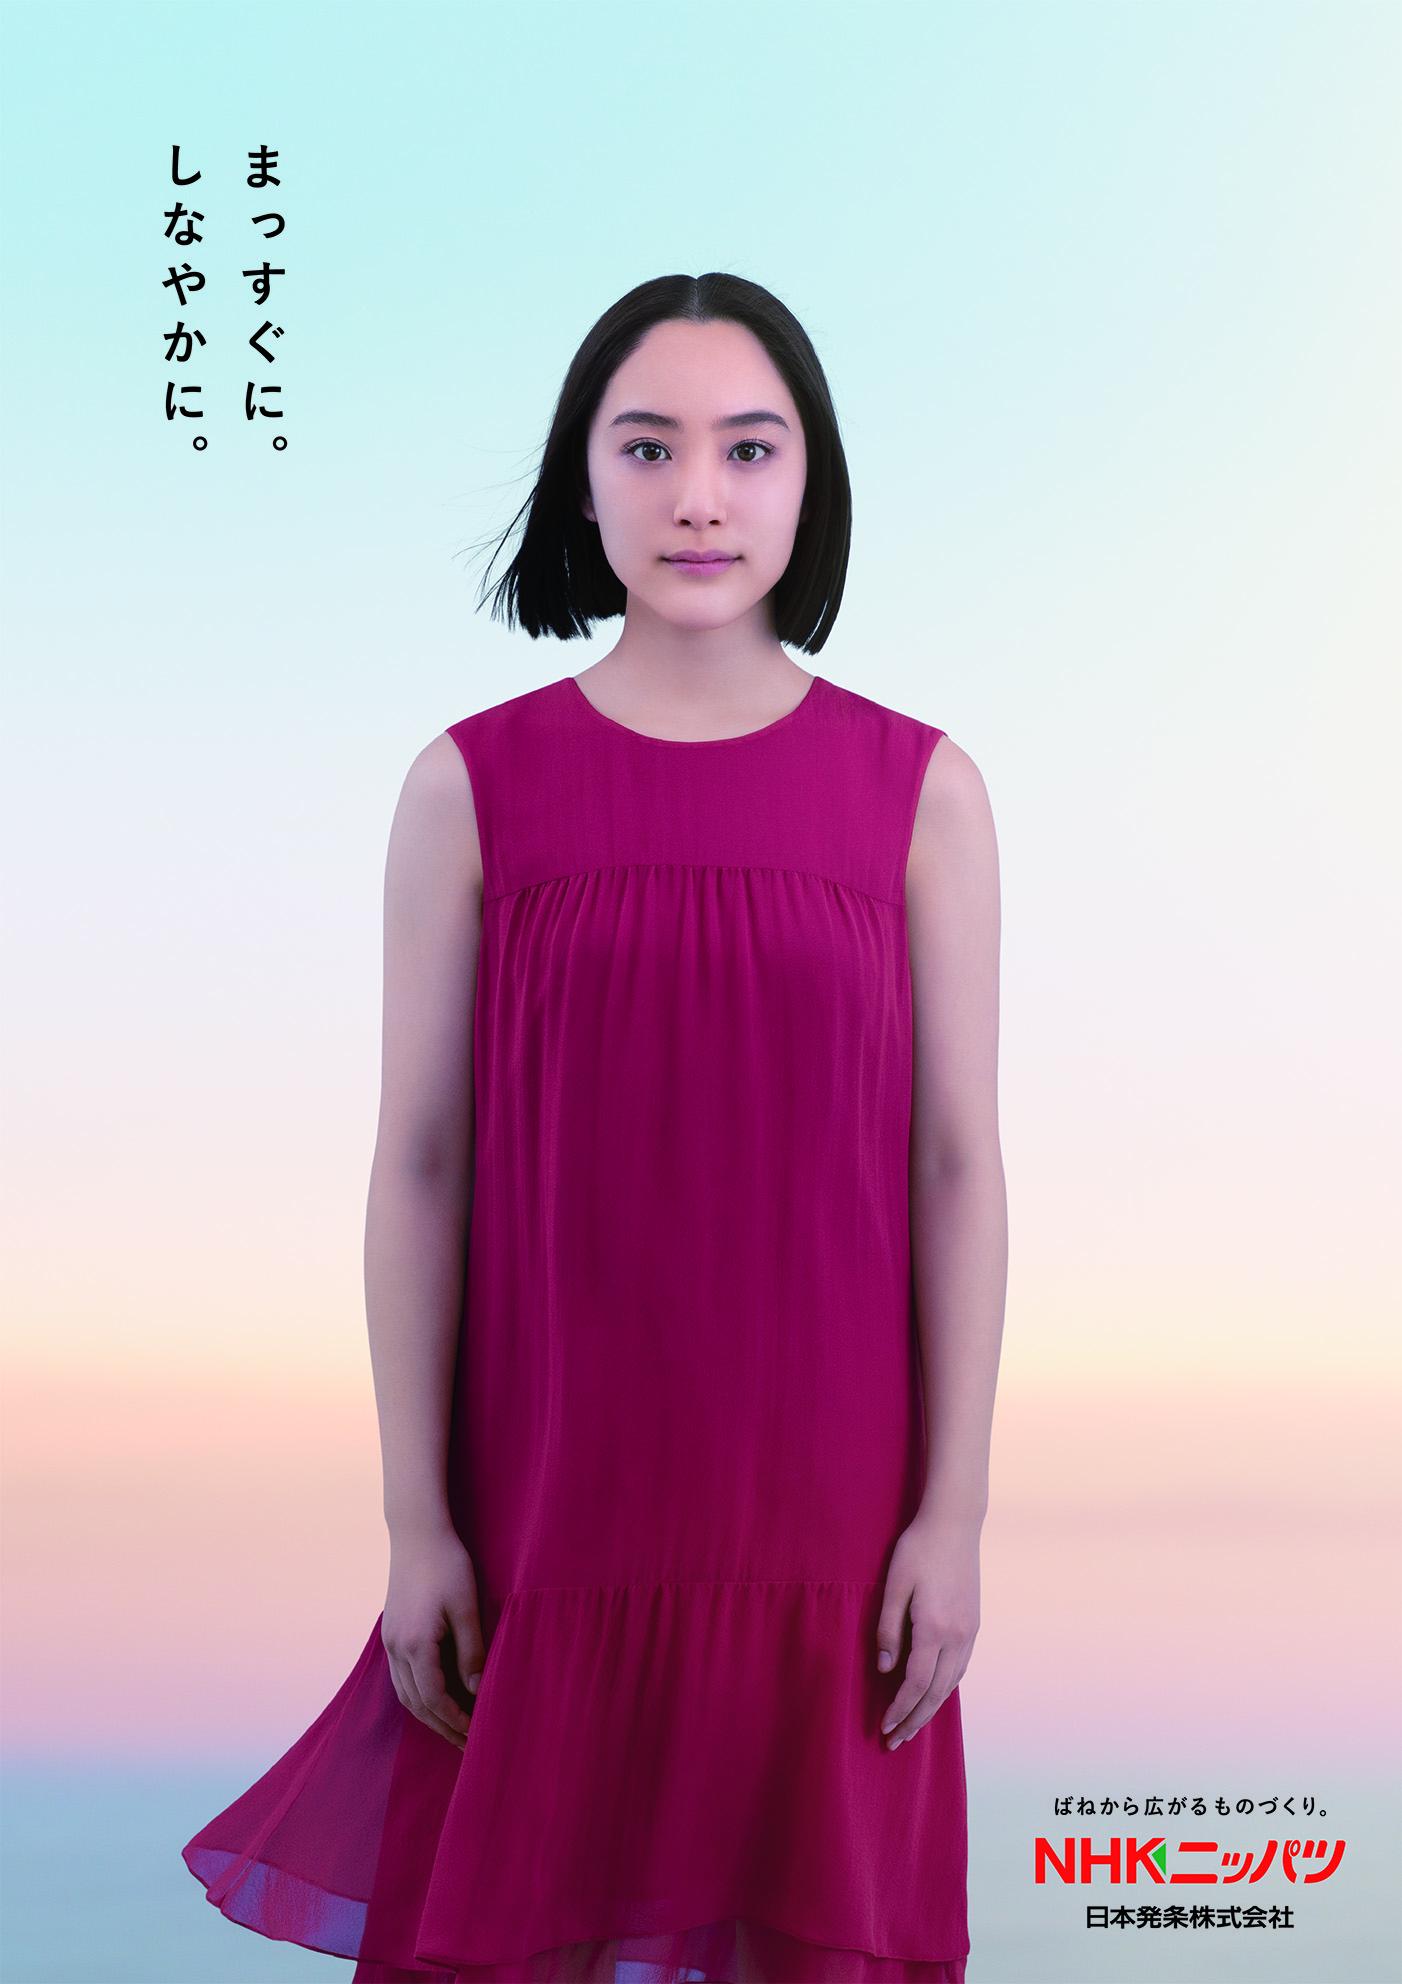 200326_NHK_A1_fix